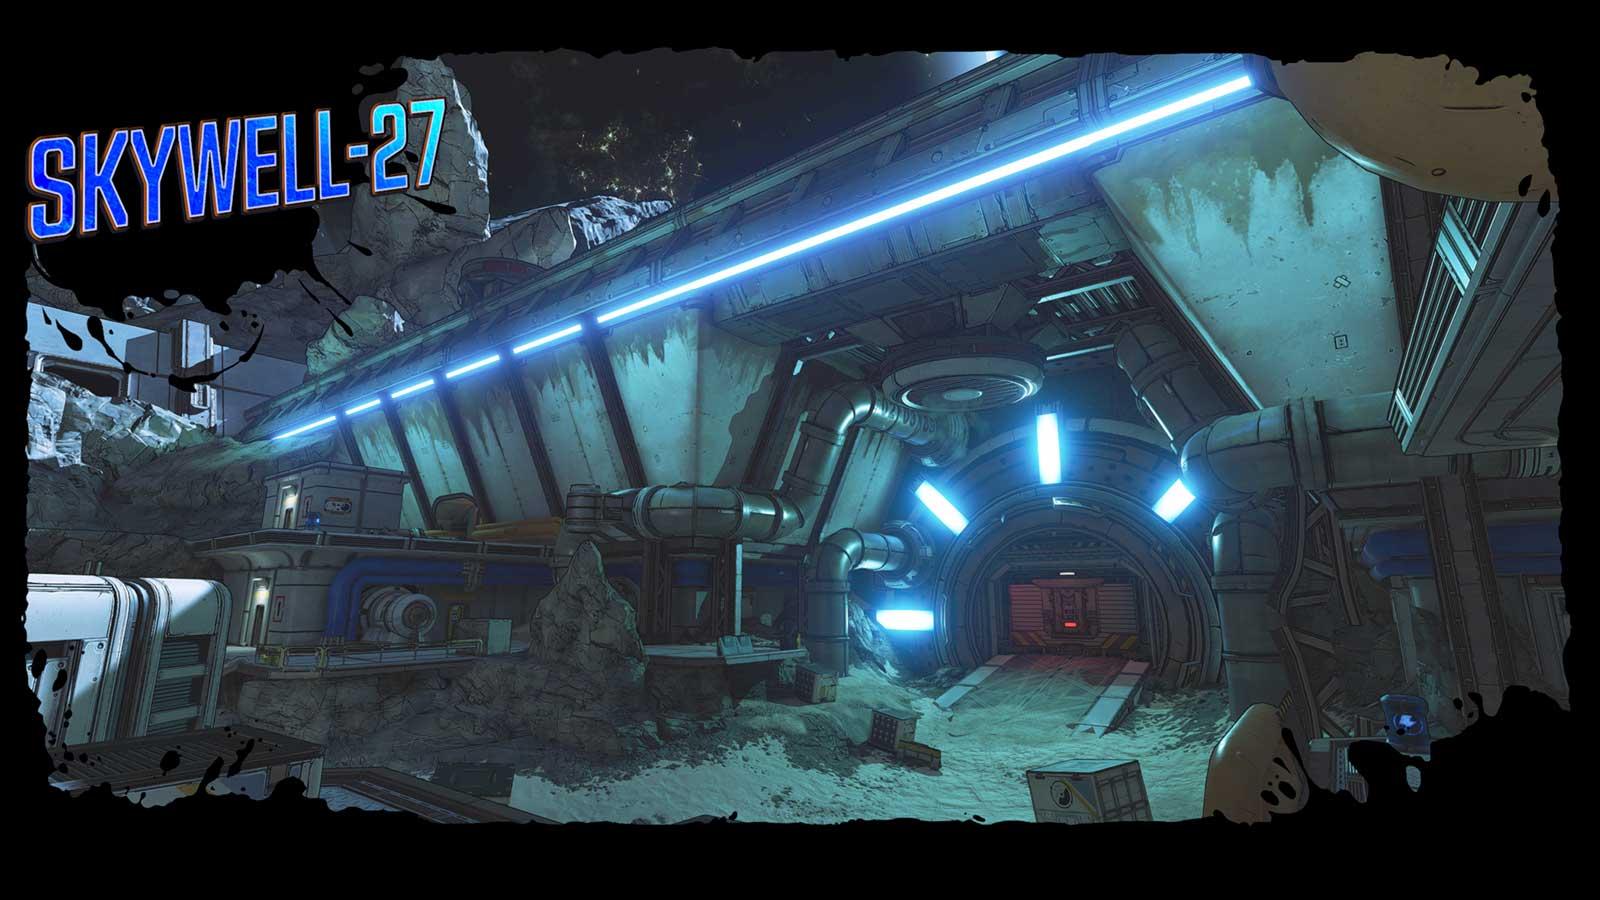 Skywell-27